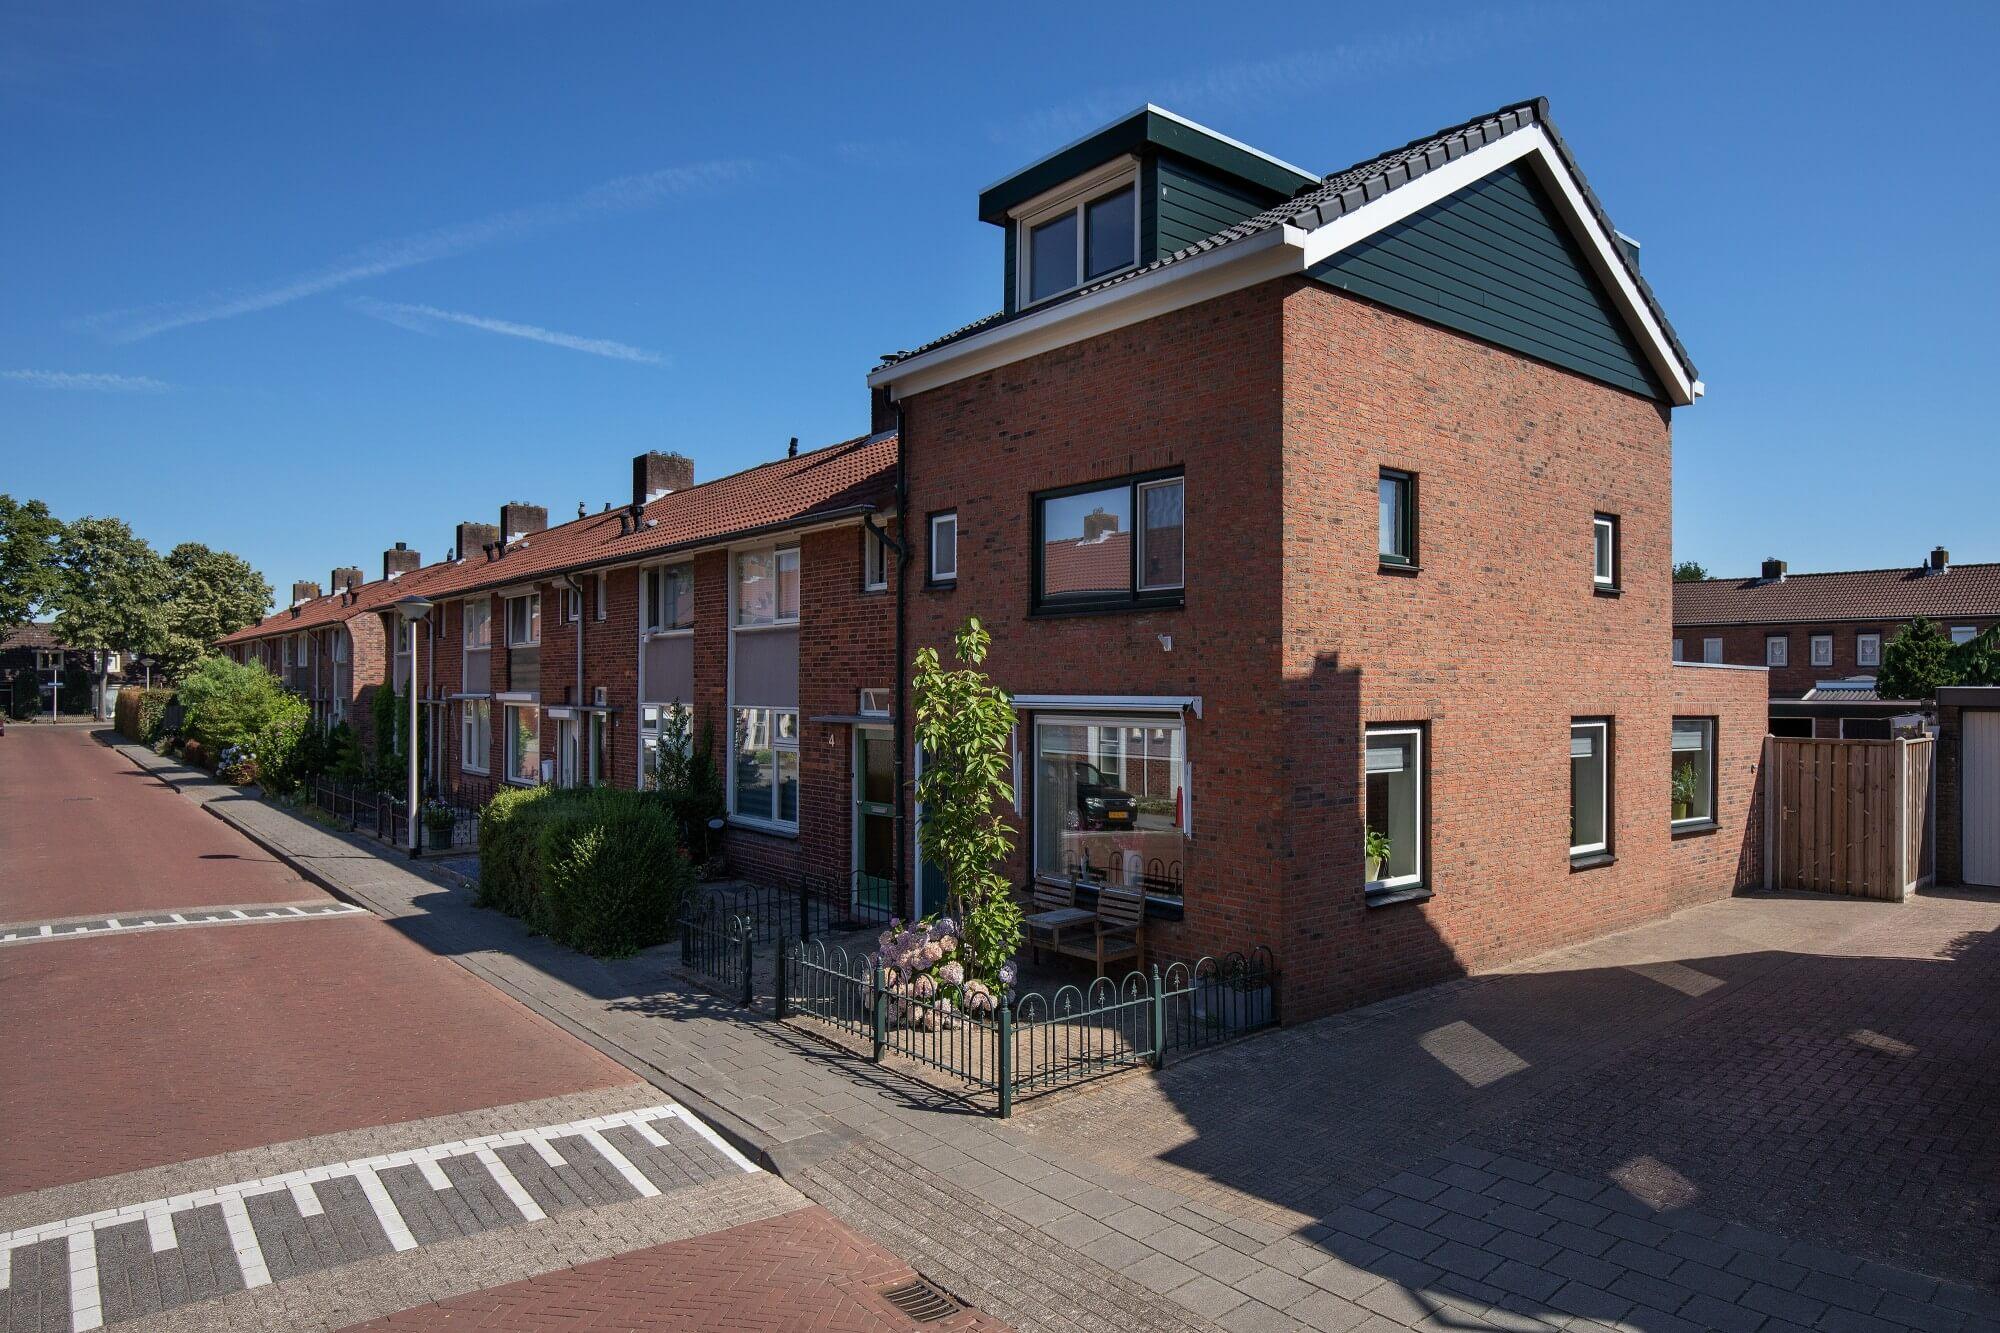 Norbartstraat